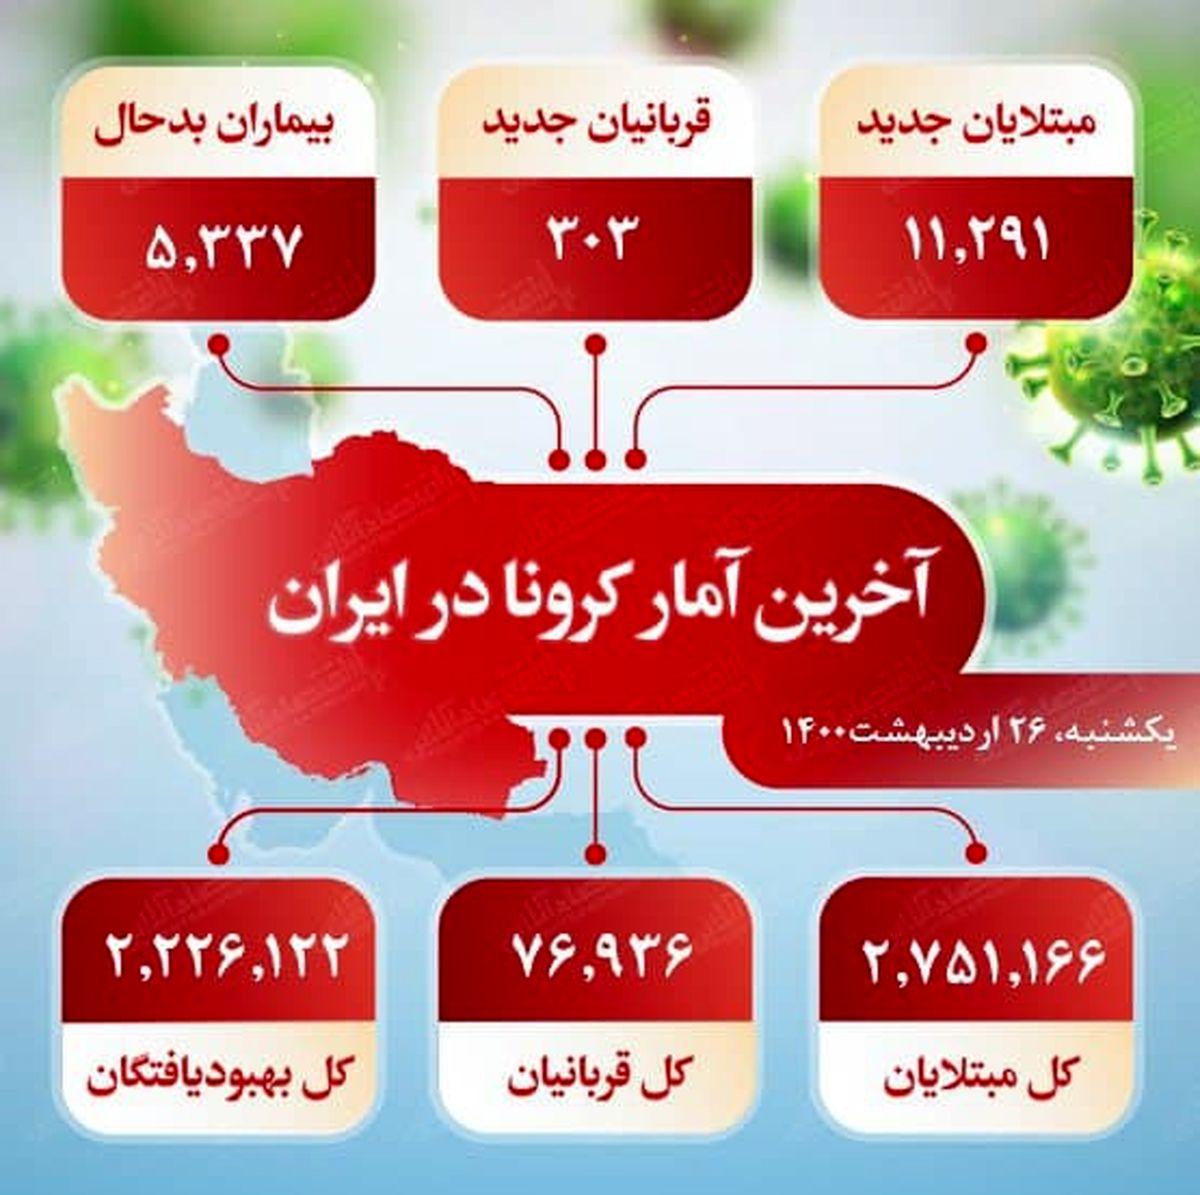 آخرین آمار کرونا در ایران (۱۴۰۰/۲/۲۶)